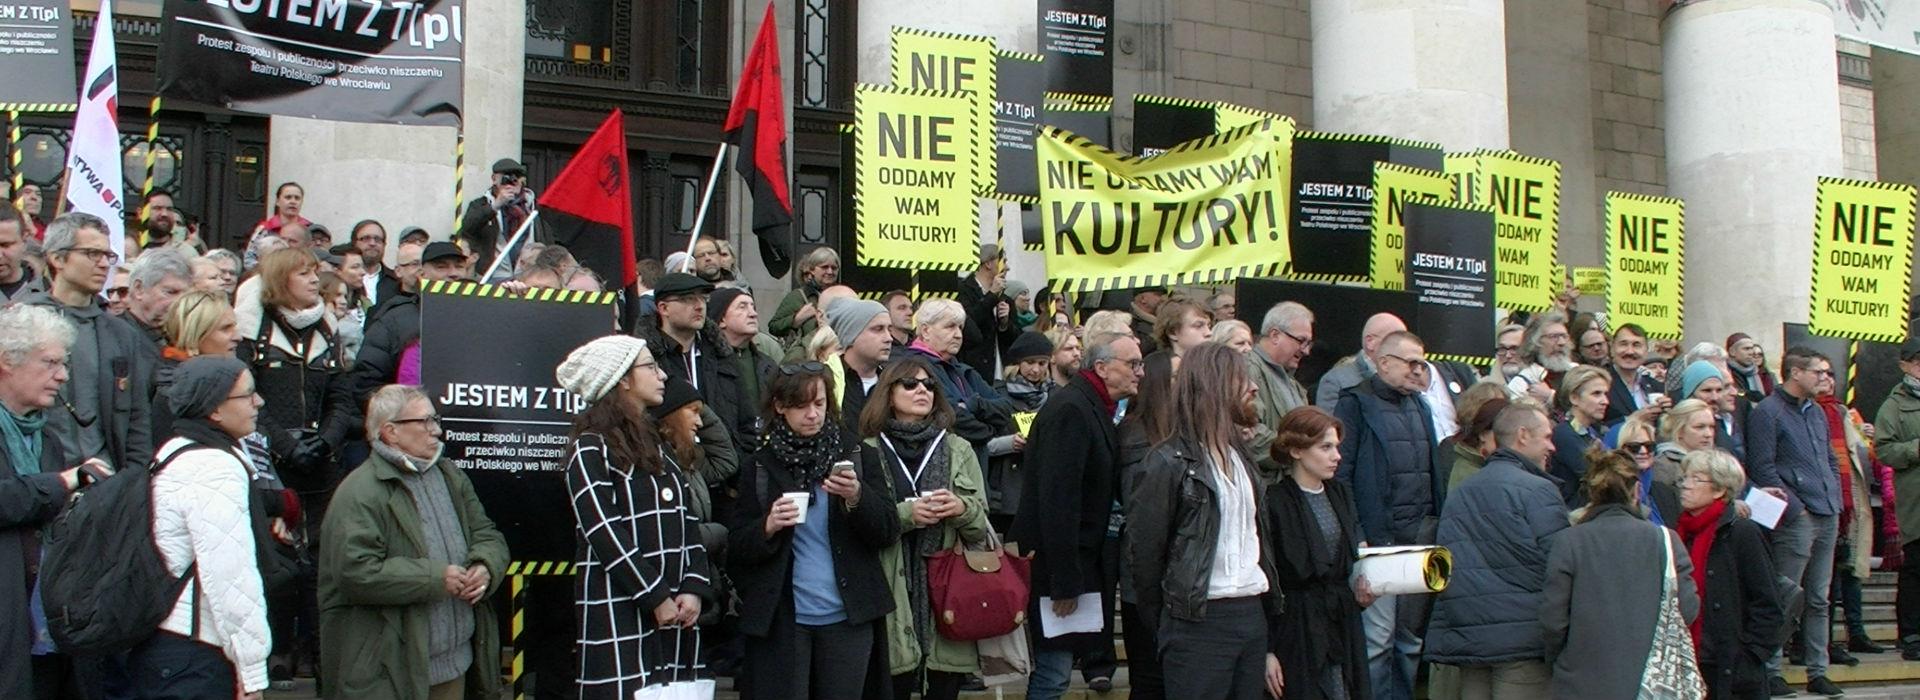 Protest artystów przeciwko upolitycznianiu kultury